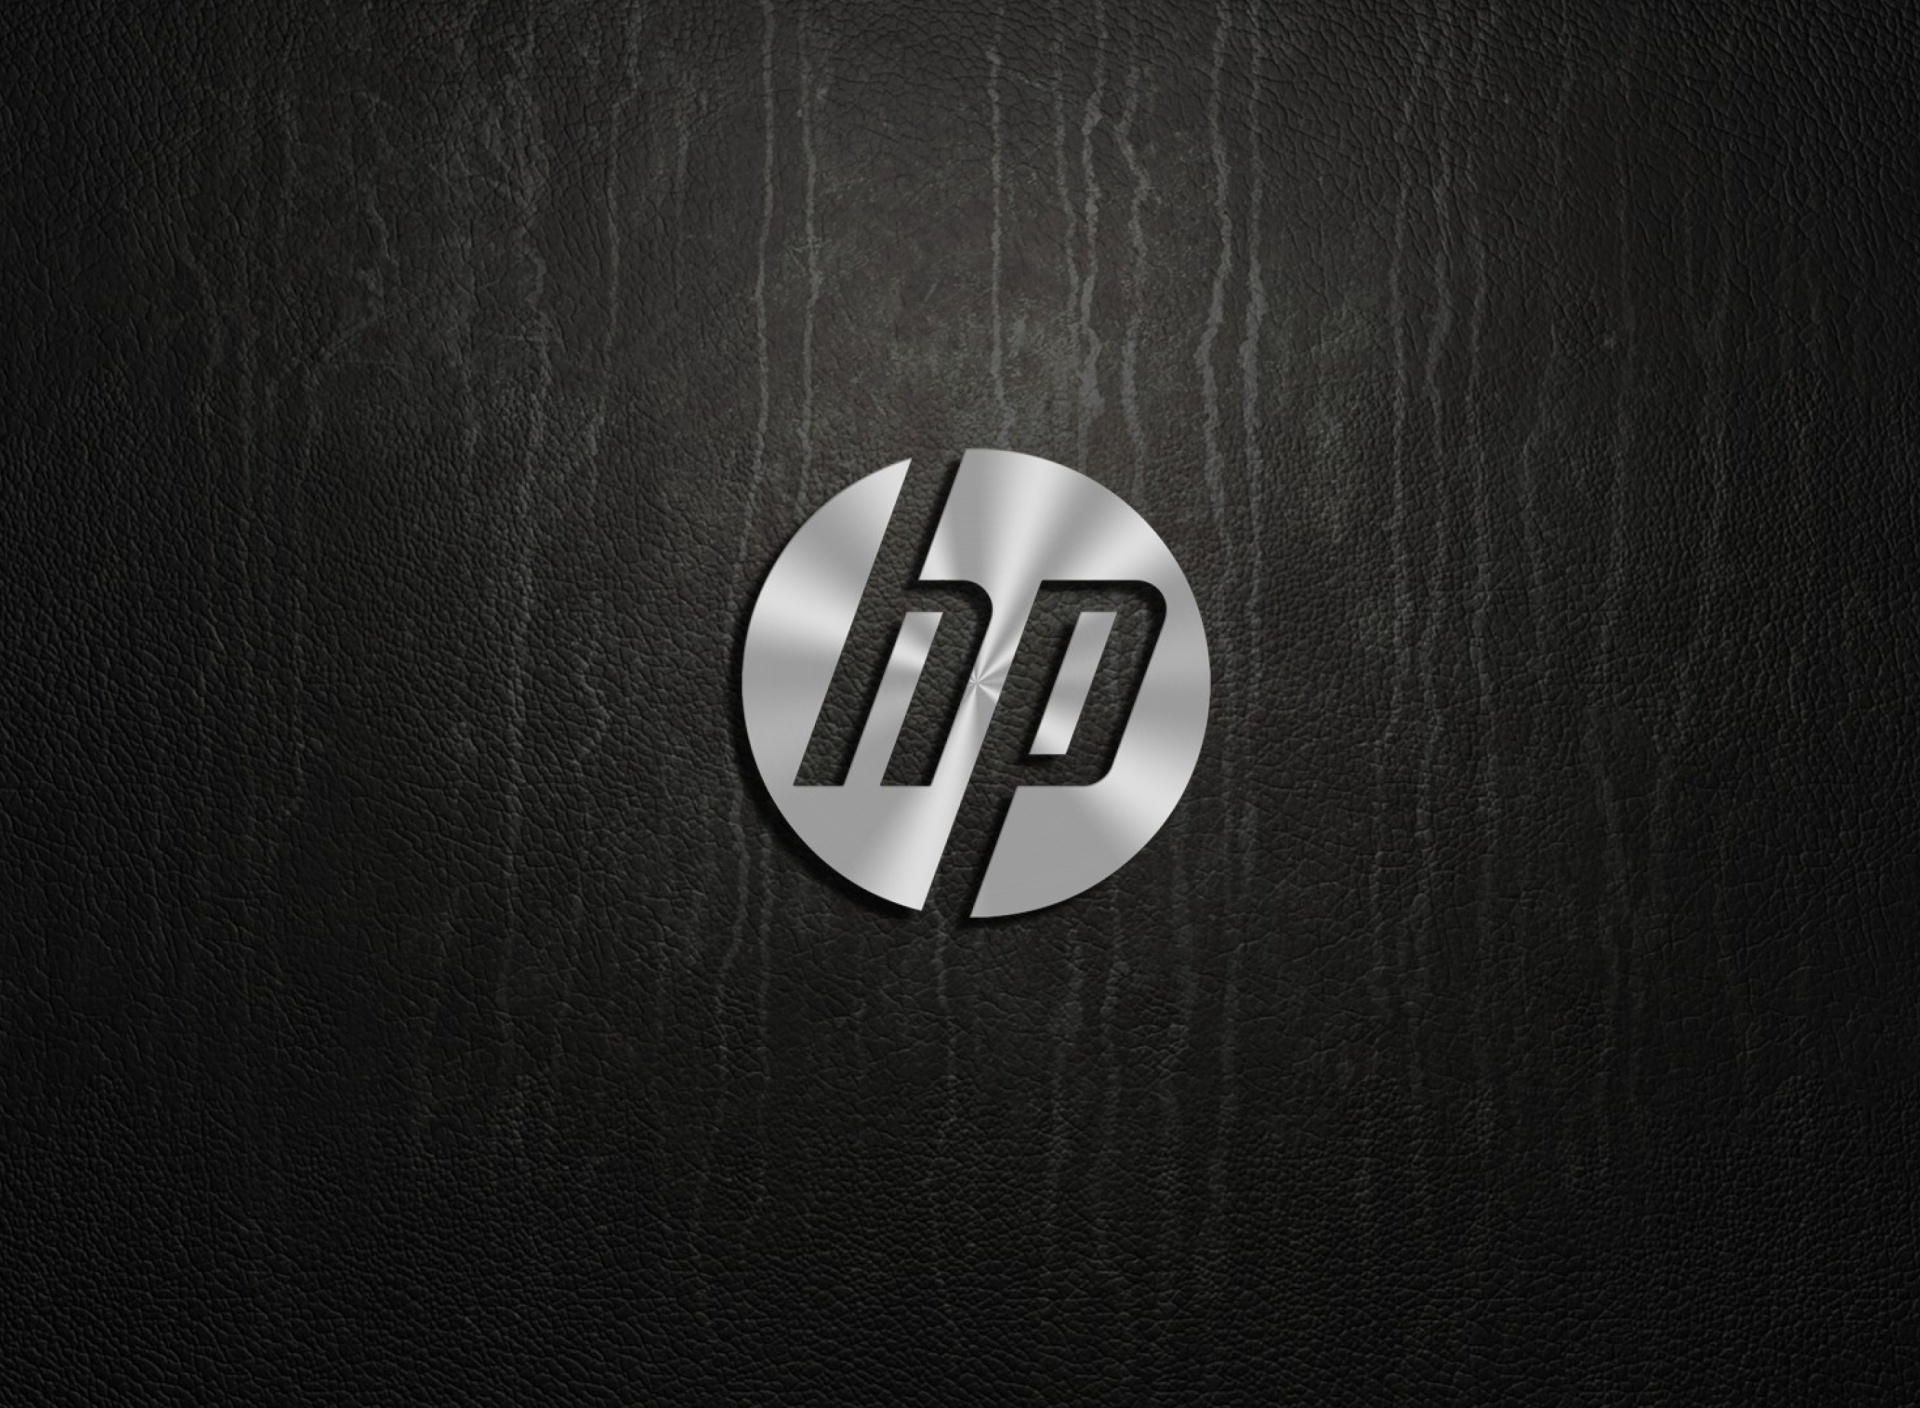 под картинки на телефон с логотипом часты